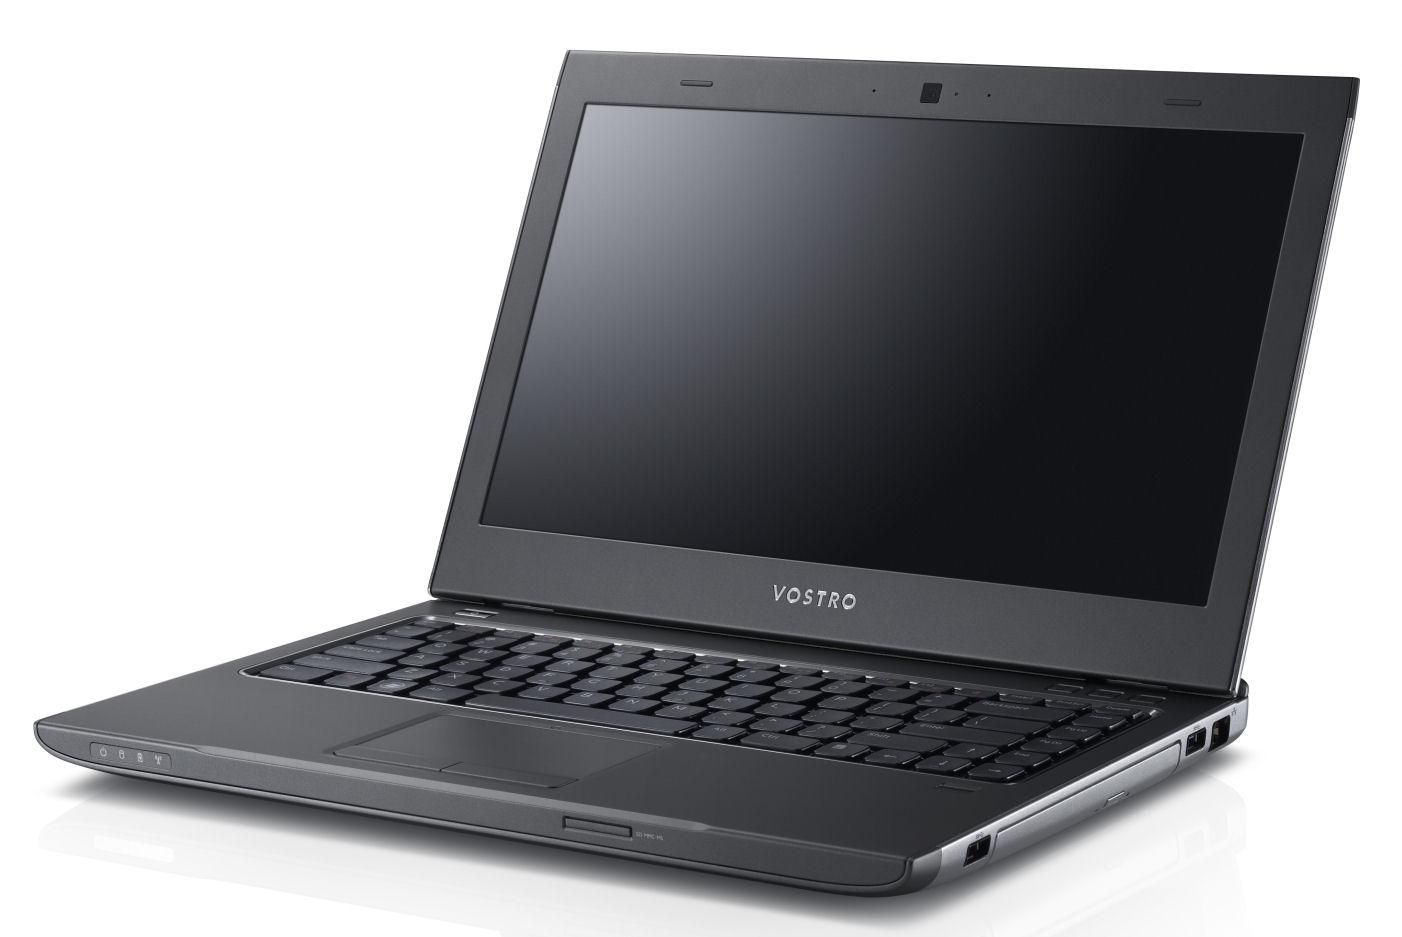 Vostro 3560 Laptop Details | Dell